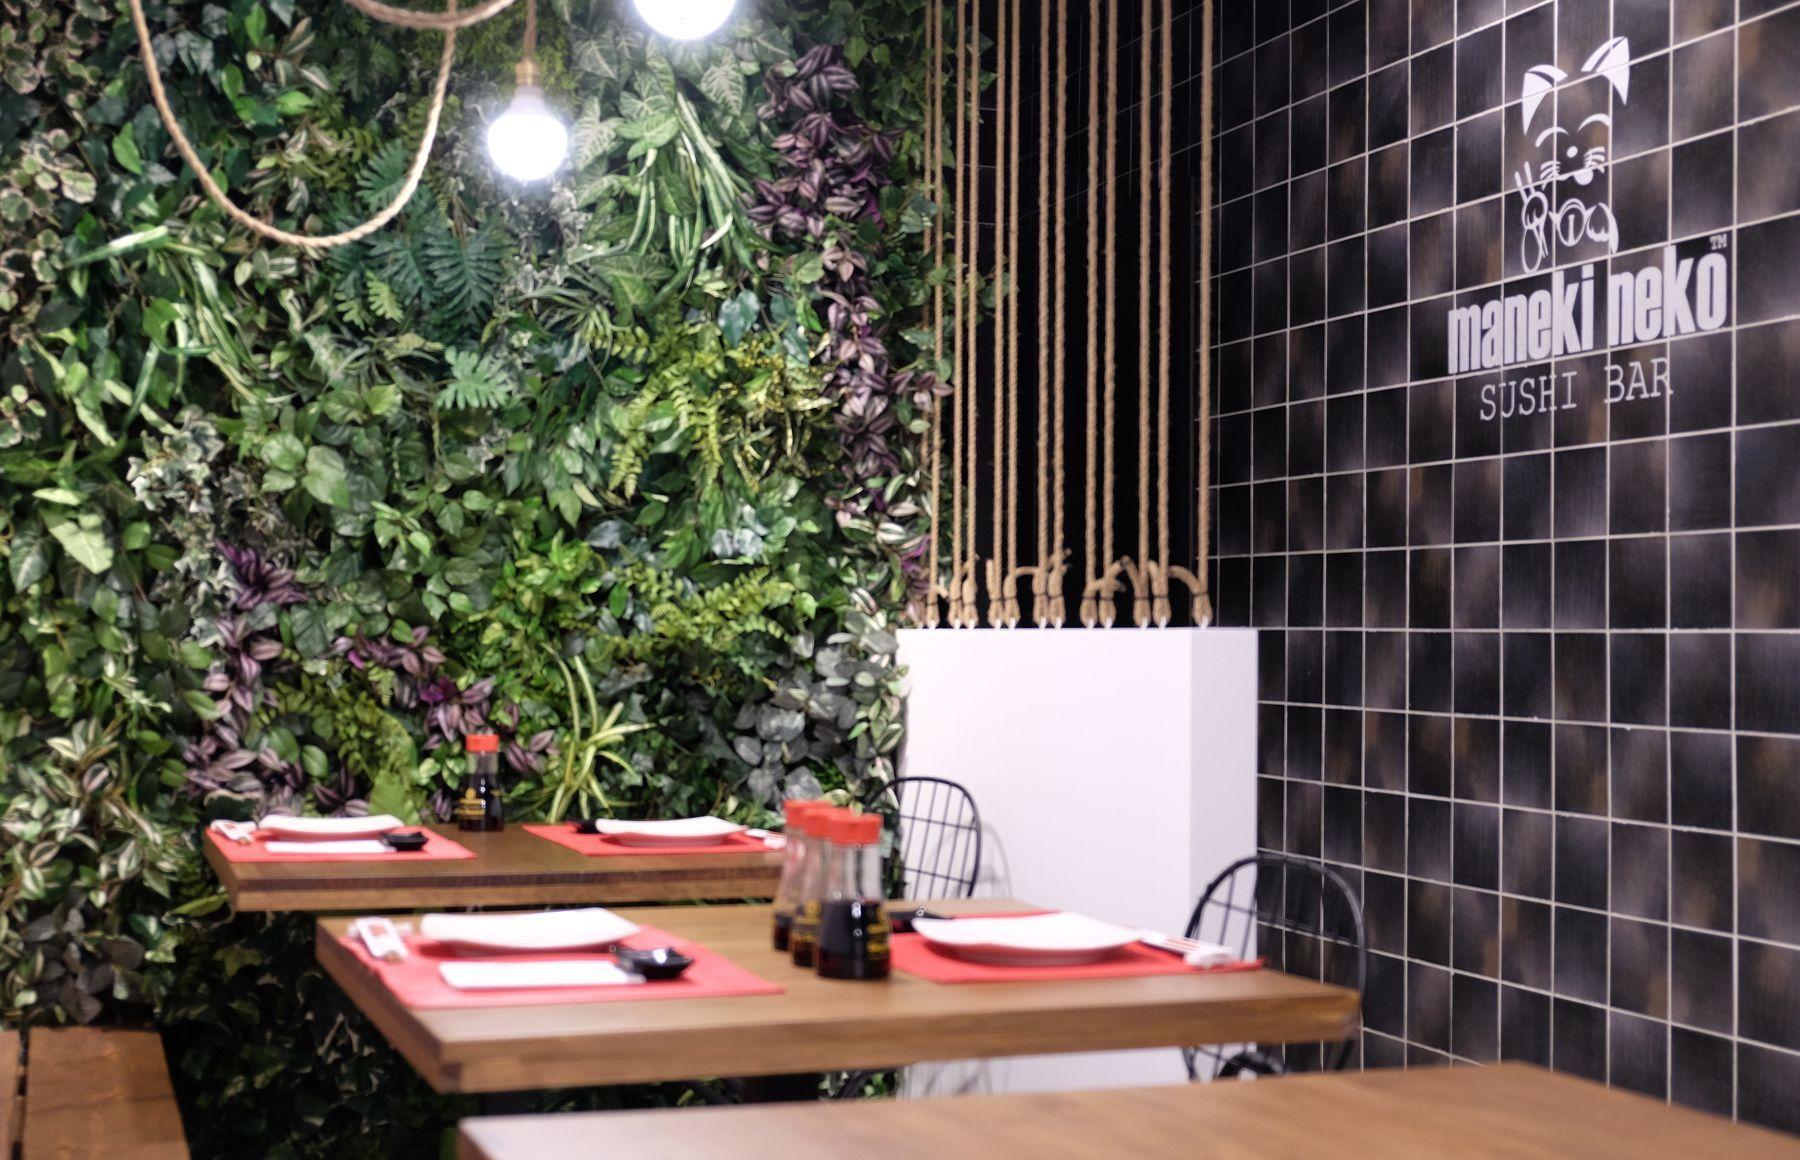 Maneki-Neko-Sushi-Bar-Restaurante